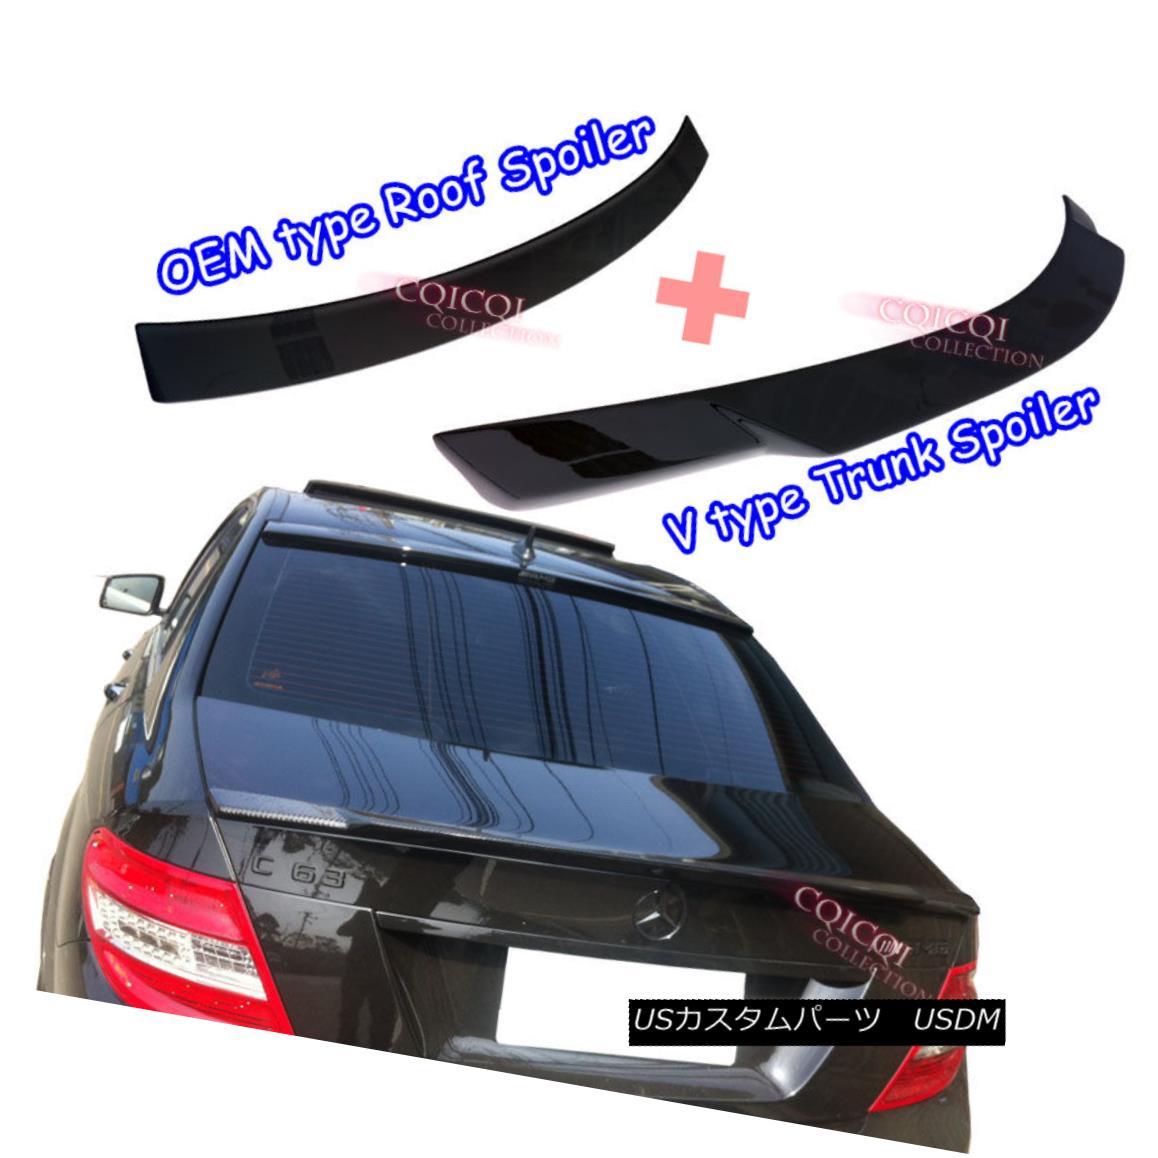 エアロパーツ Painted M-BENZ 08~14 W204 C Sedan V type trunk spoiler +OE type roof spoiler ◎ 塗装済みM-BENZ 08?14 W204 CセダンV型トランク・スポイラー+ OE型ルーフ・スポイラー?